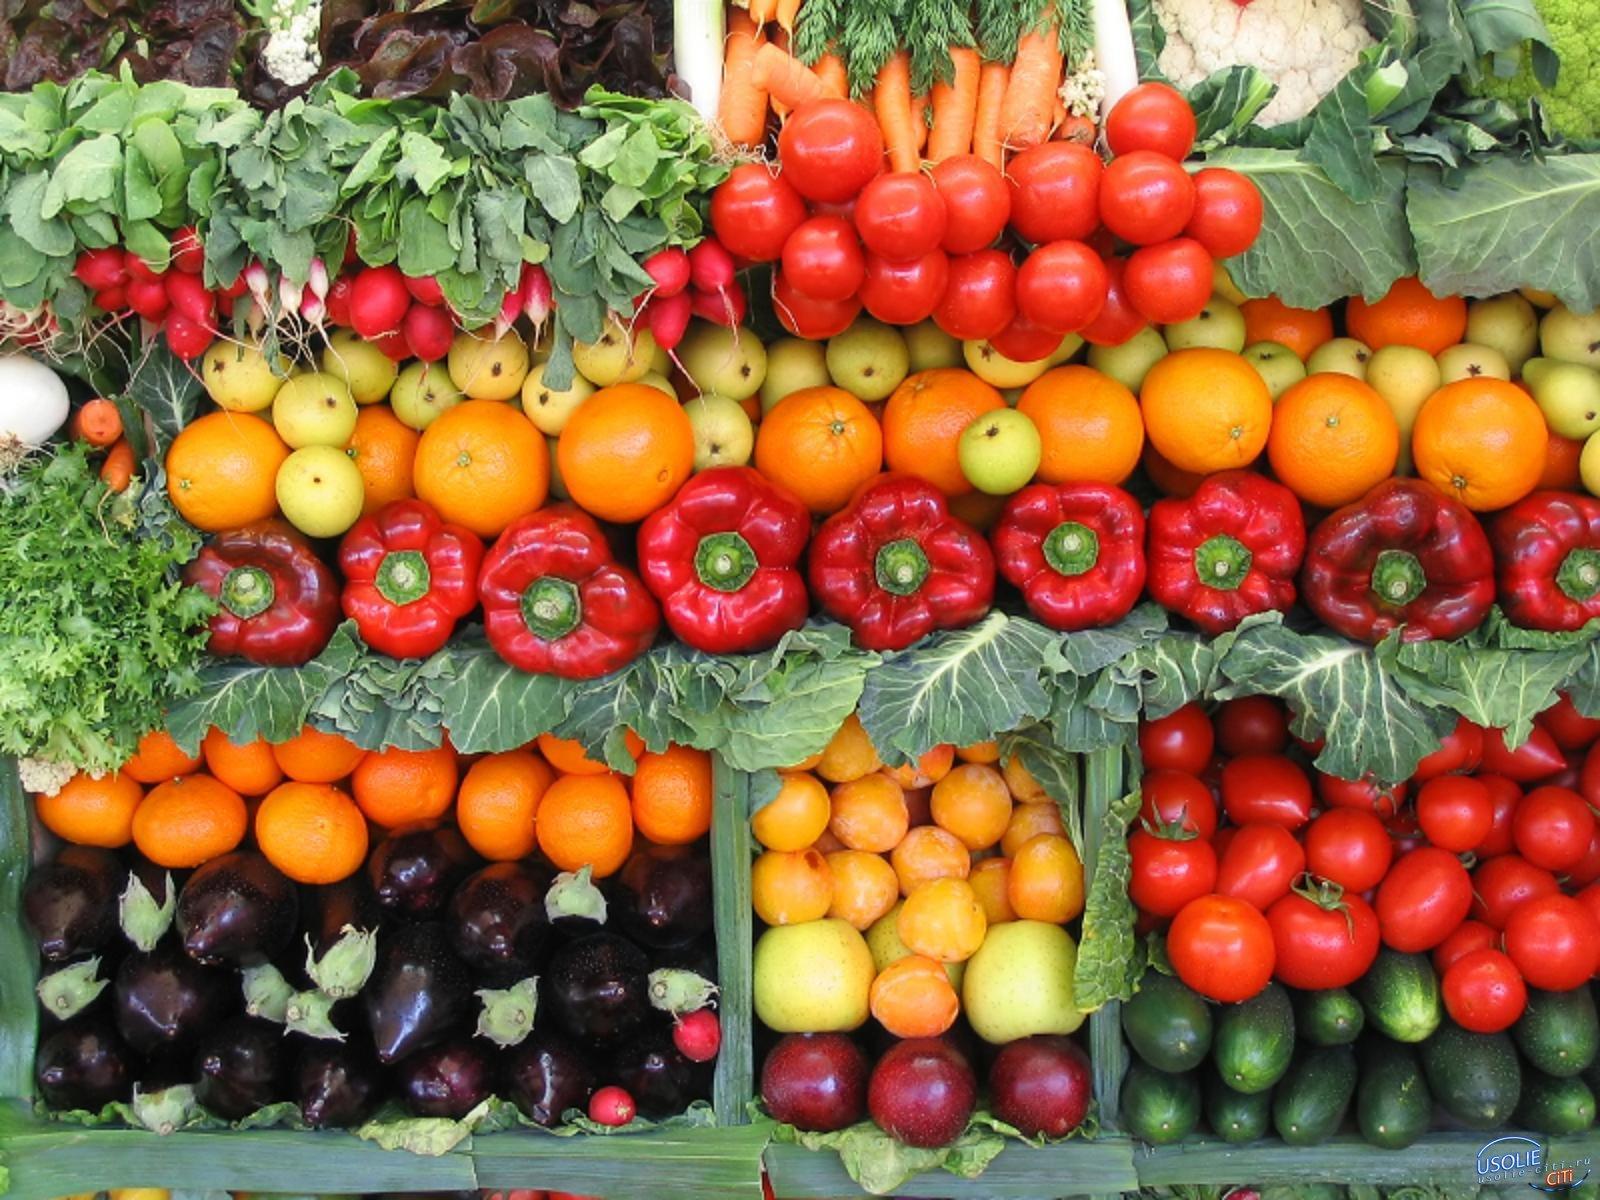 Усольчане могут пожаловаться на качество овощей и фруктов